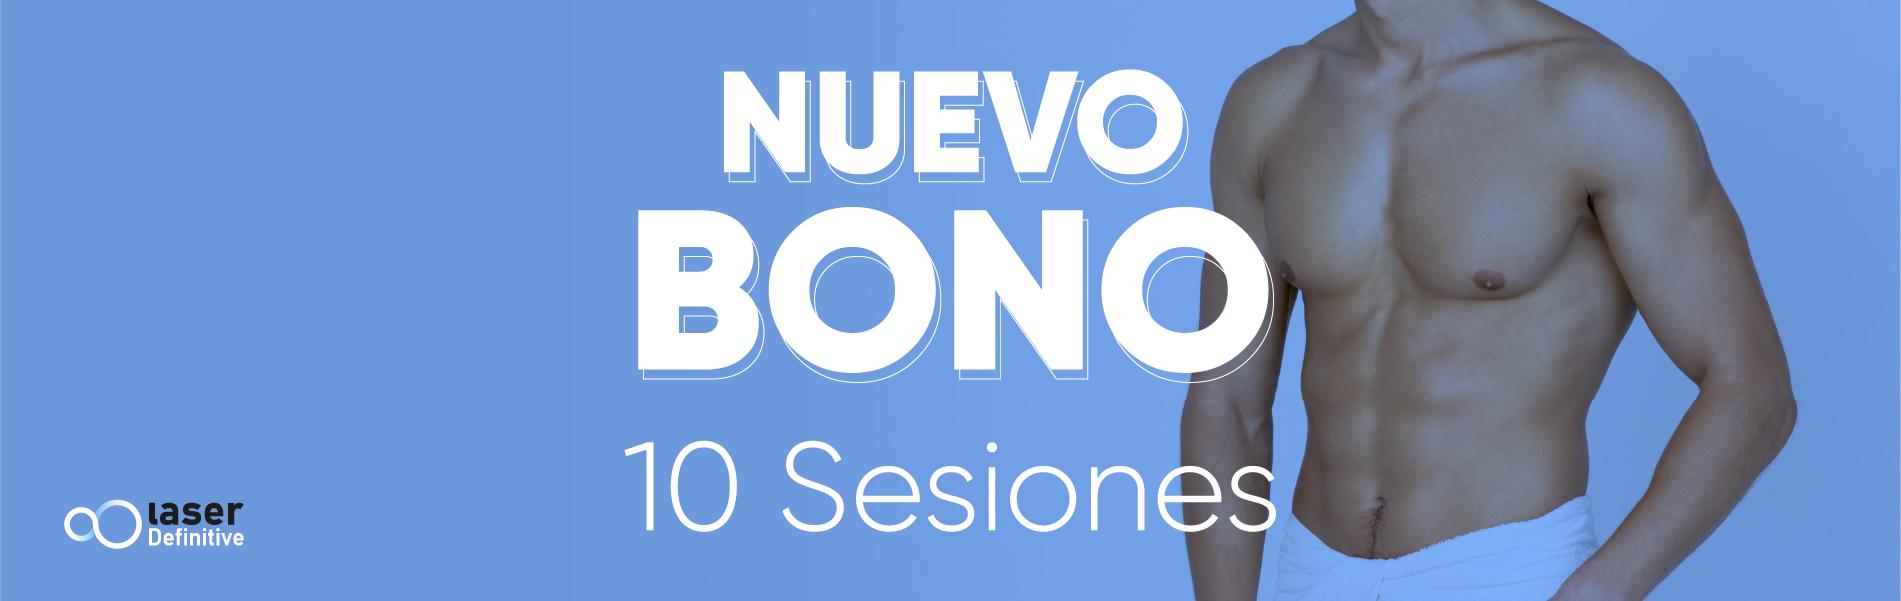 nuevo bono de 10 sesiones y torso de hombre